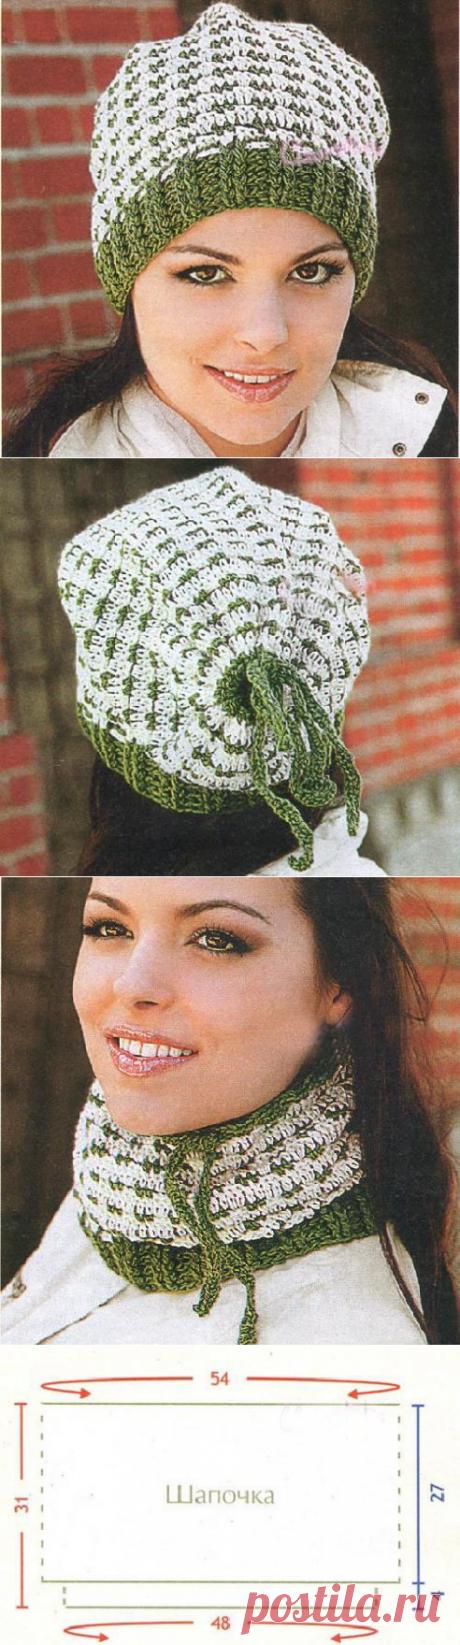 Шапка- шарф, шапка вязаная крючком схема бесплатно | Домоводство для всей семьи.